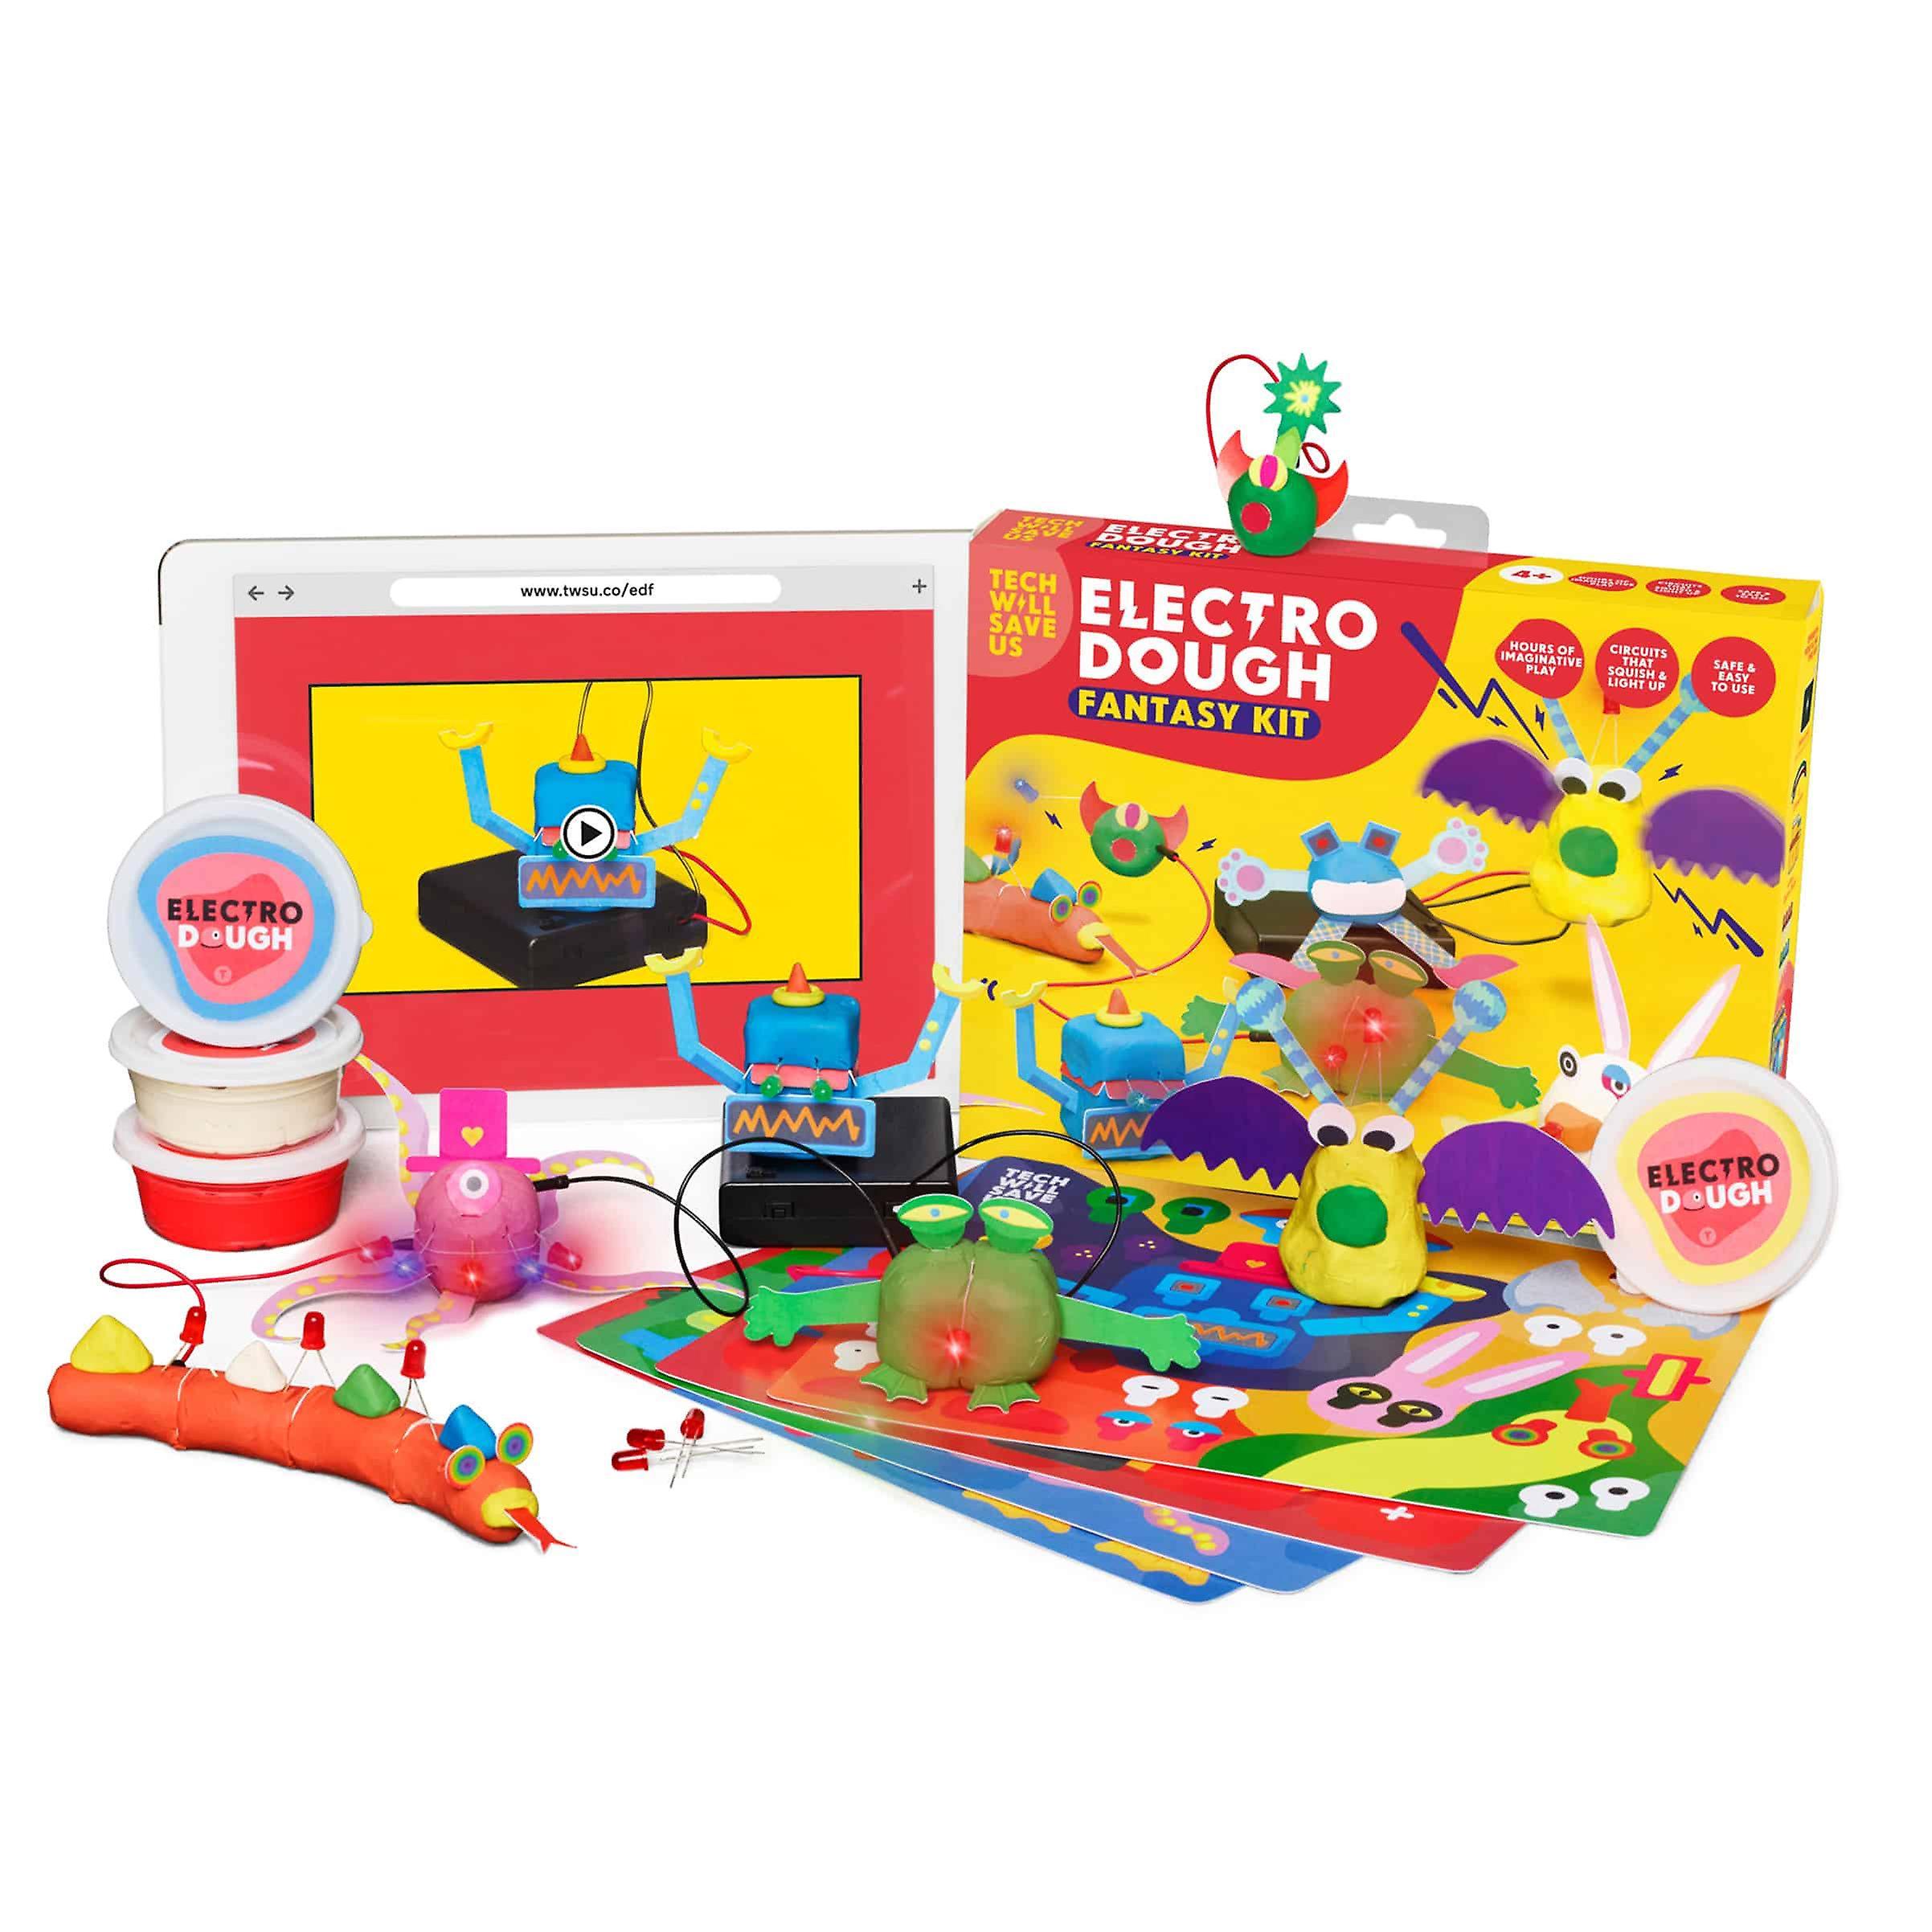 Tech kommer att rädda oss Electro Dough Fantasy kit | Pedagogiska ånga leksak, åldrar 4 och uppåt